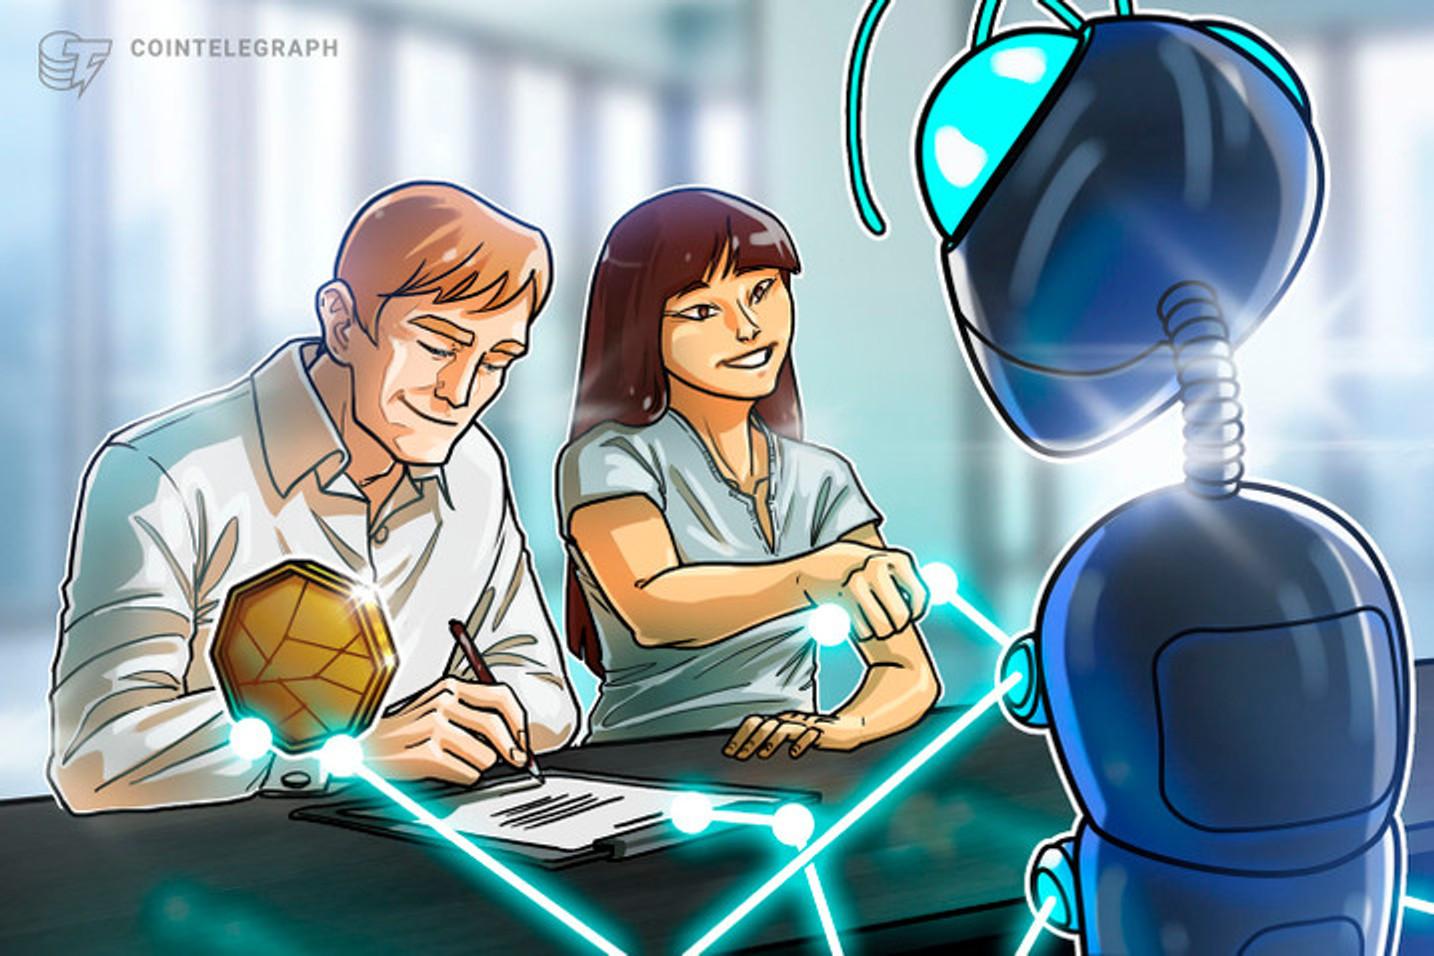 Seguros agora podem ser adquiridos com Bitcoin no Brasil